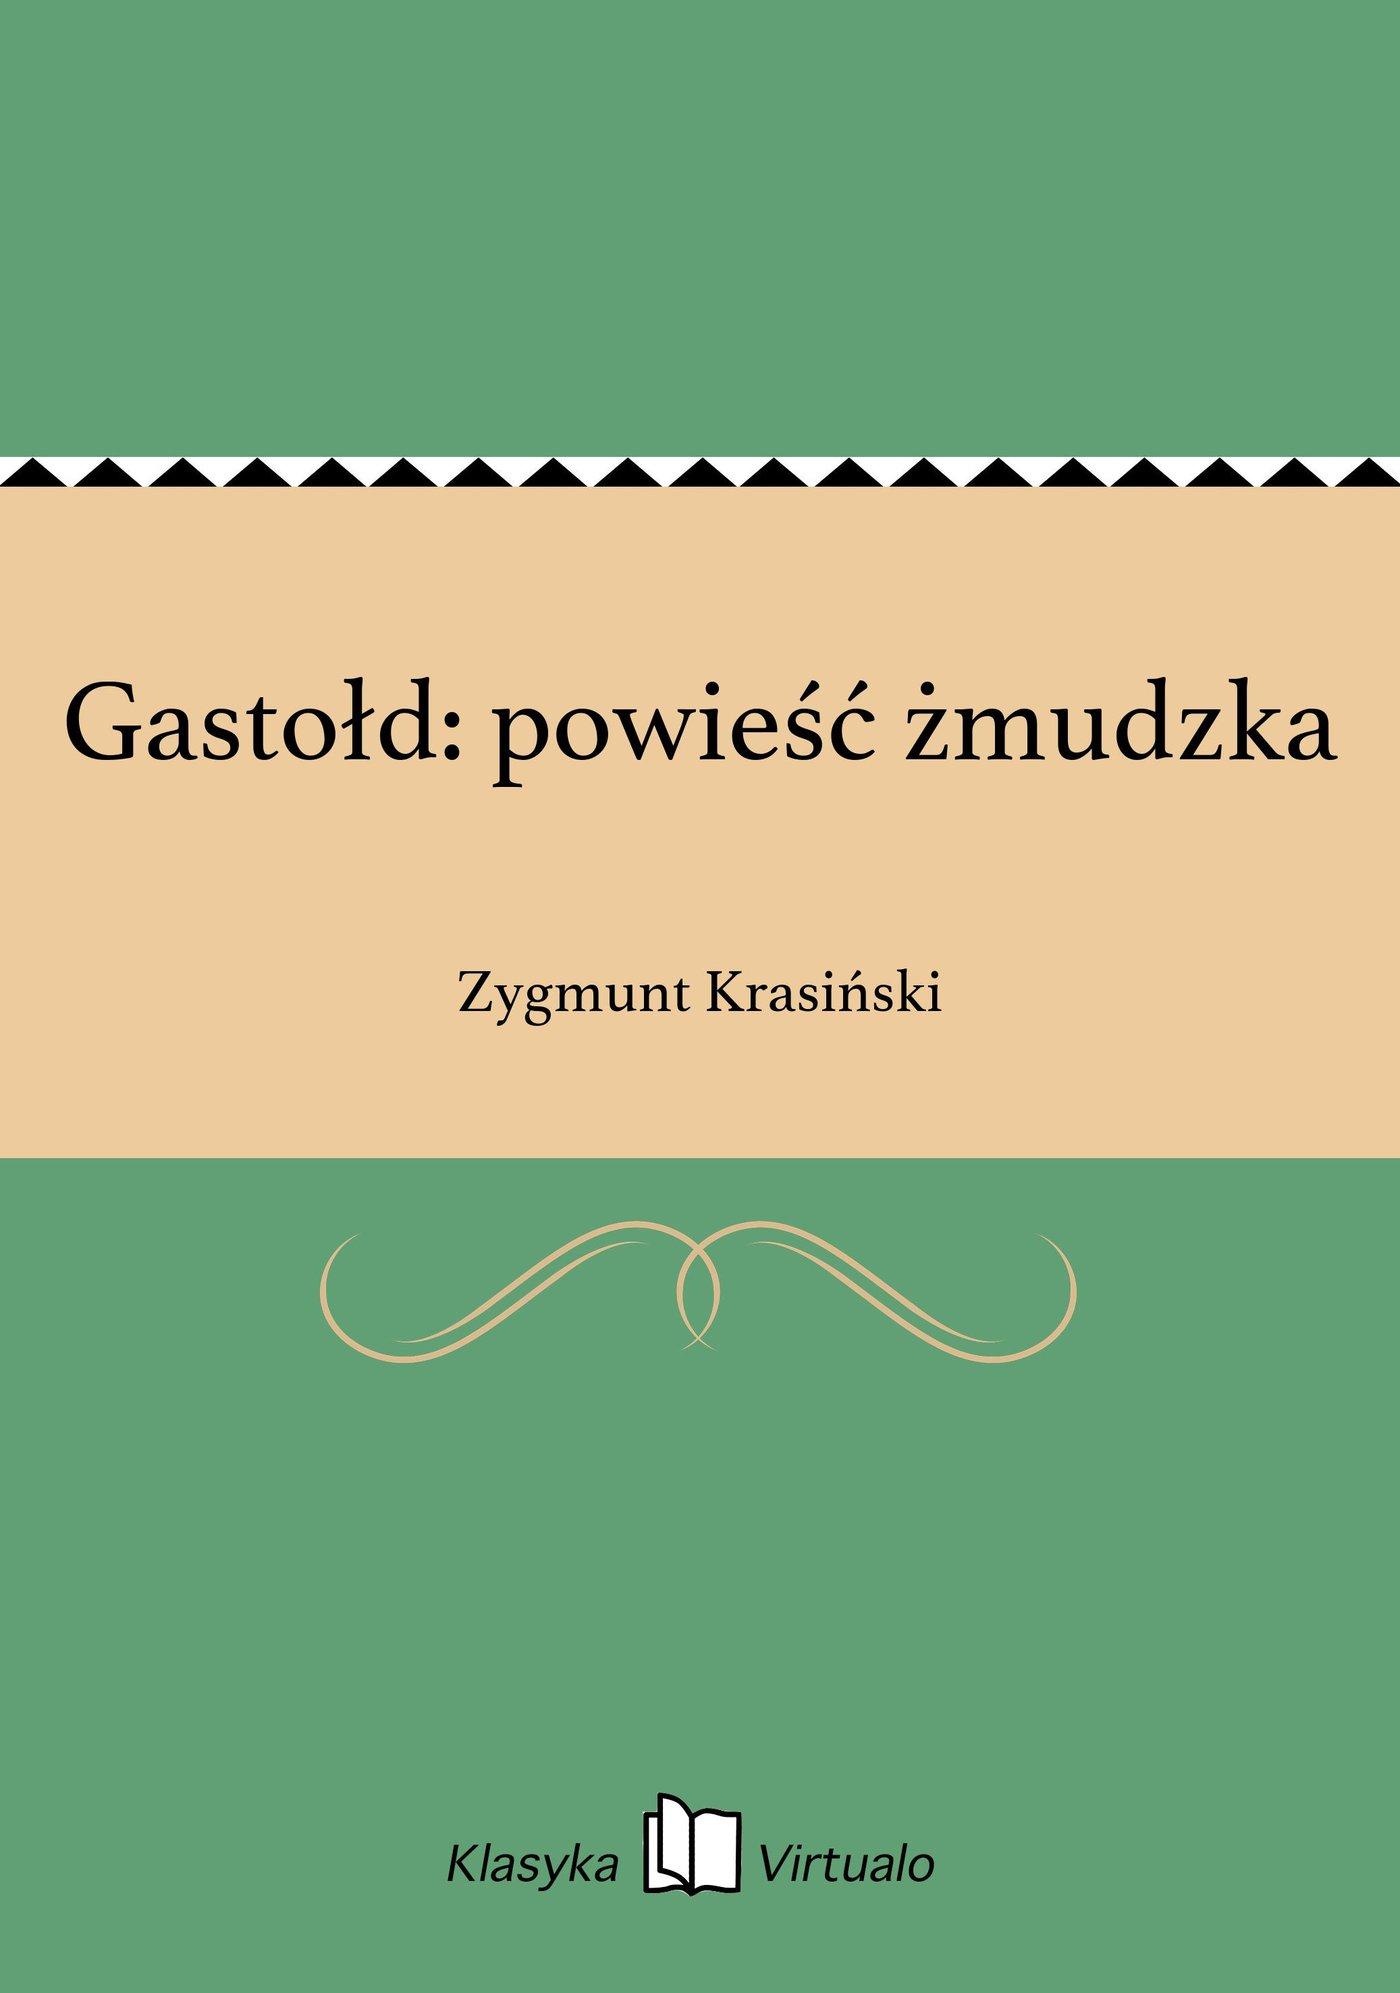 Gastołd: powieść żmudzka - Ebook (Książka EPUB) do pobrania w formacie EPUB